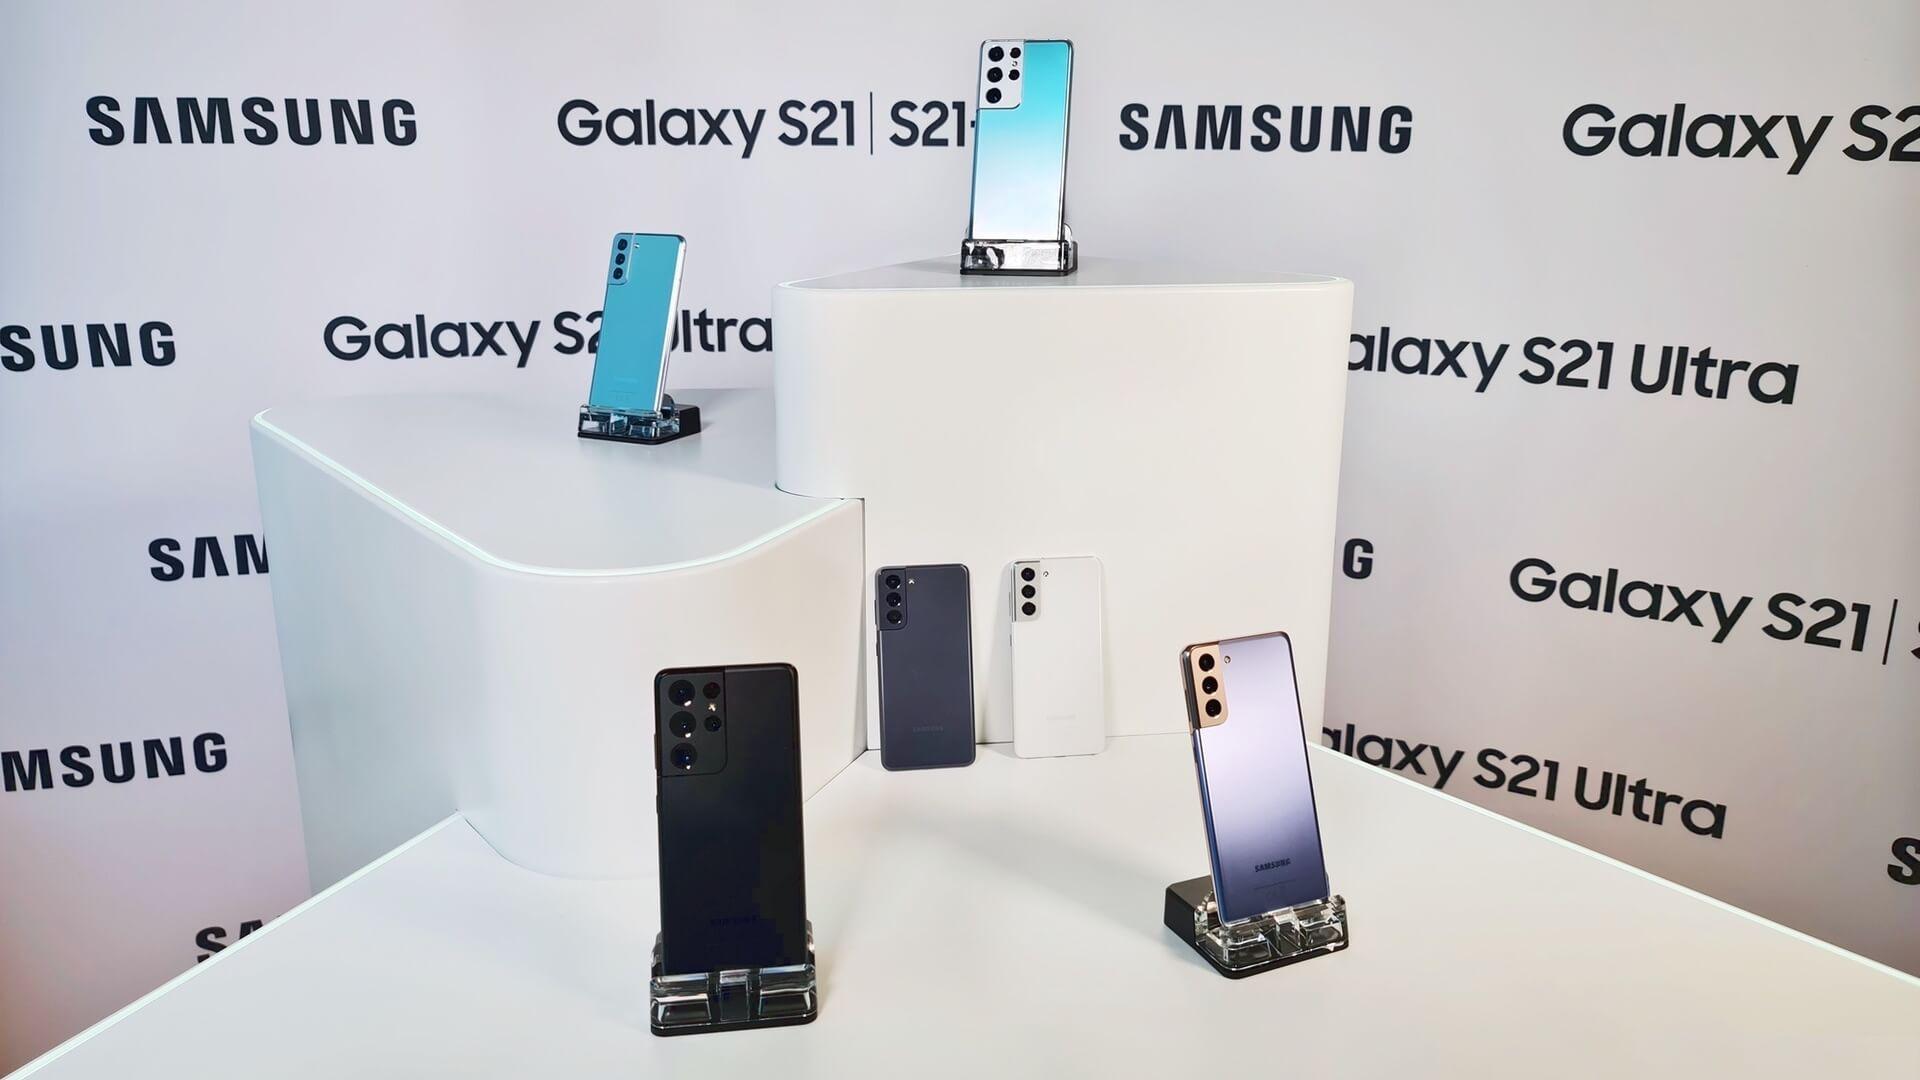 Устройства Samsung будут получать обновления безопасности Android в течении 4-х лет